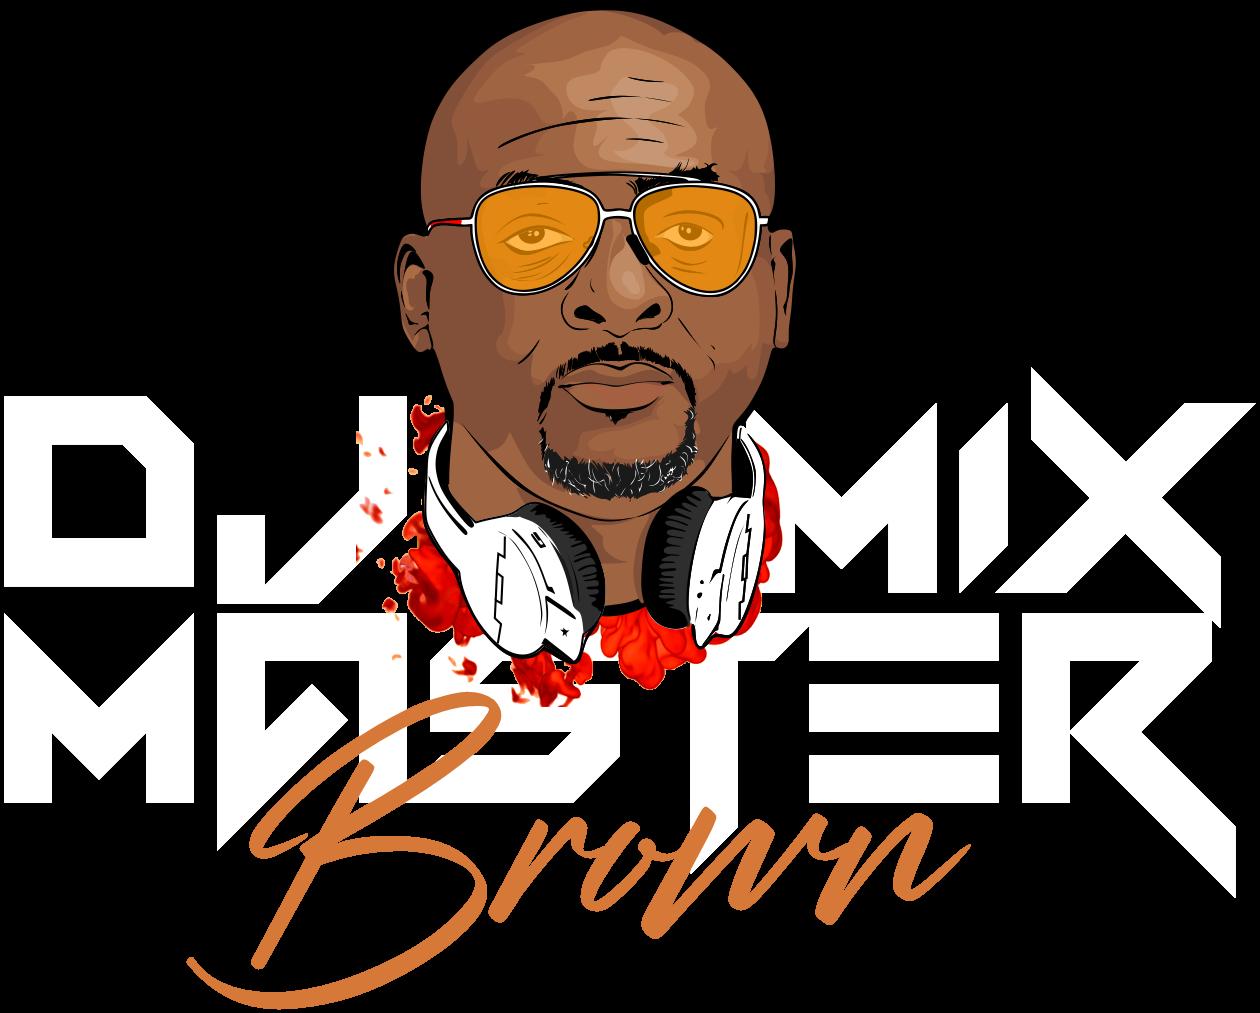 Dj Mixmaster Brown » Djmixmasterbrown com